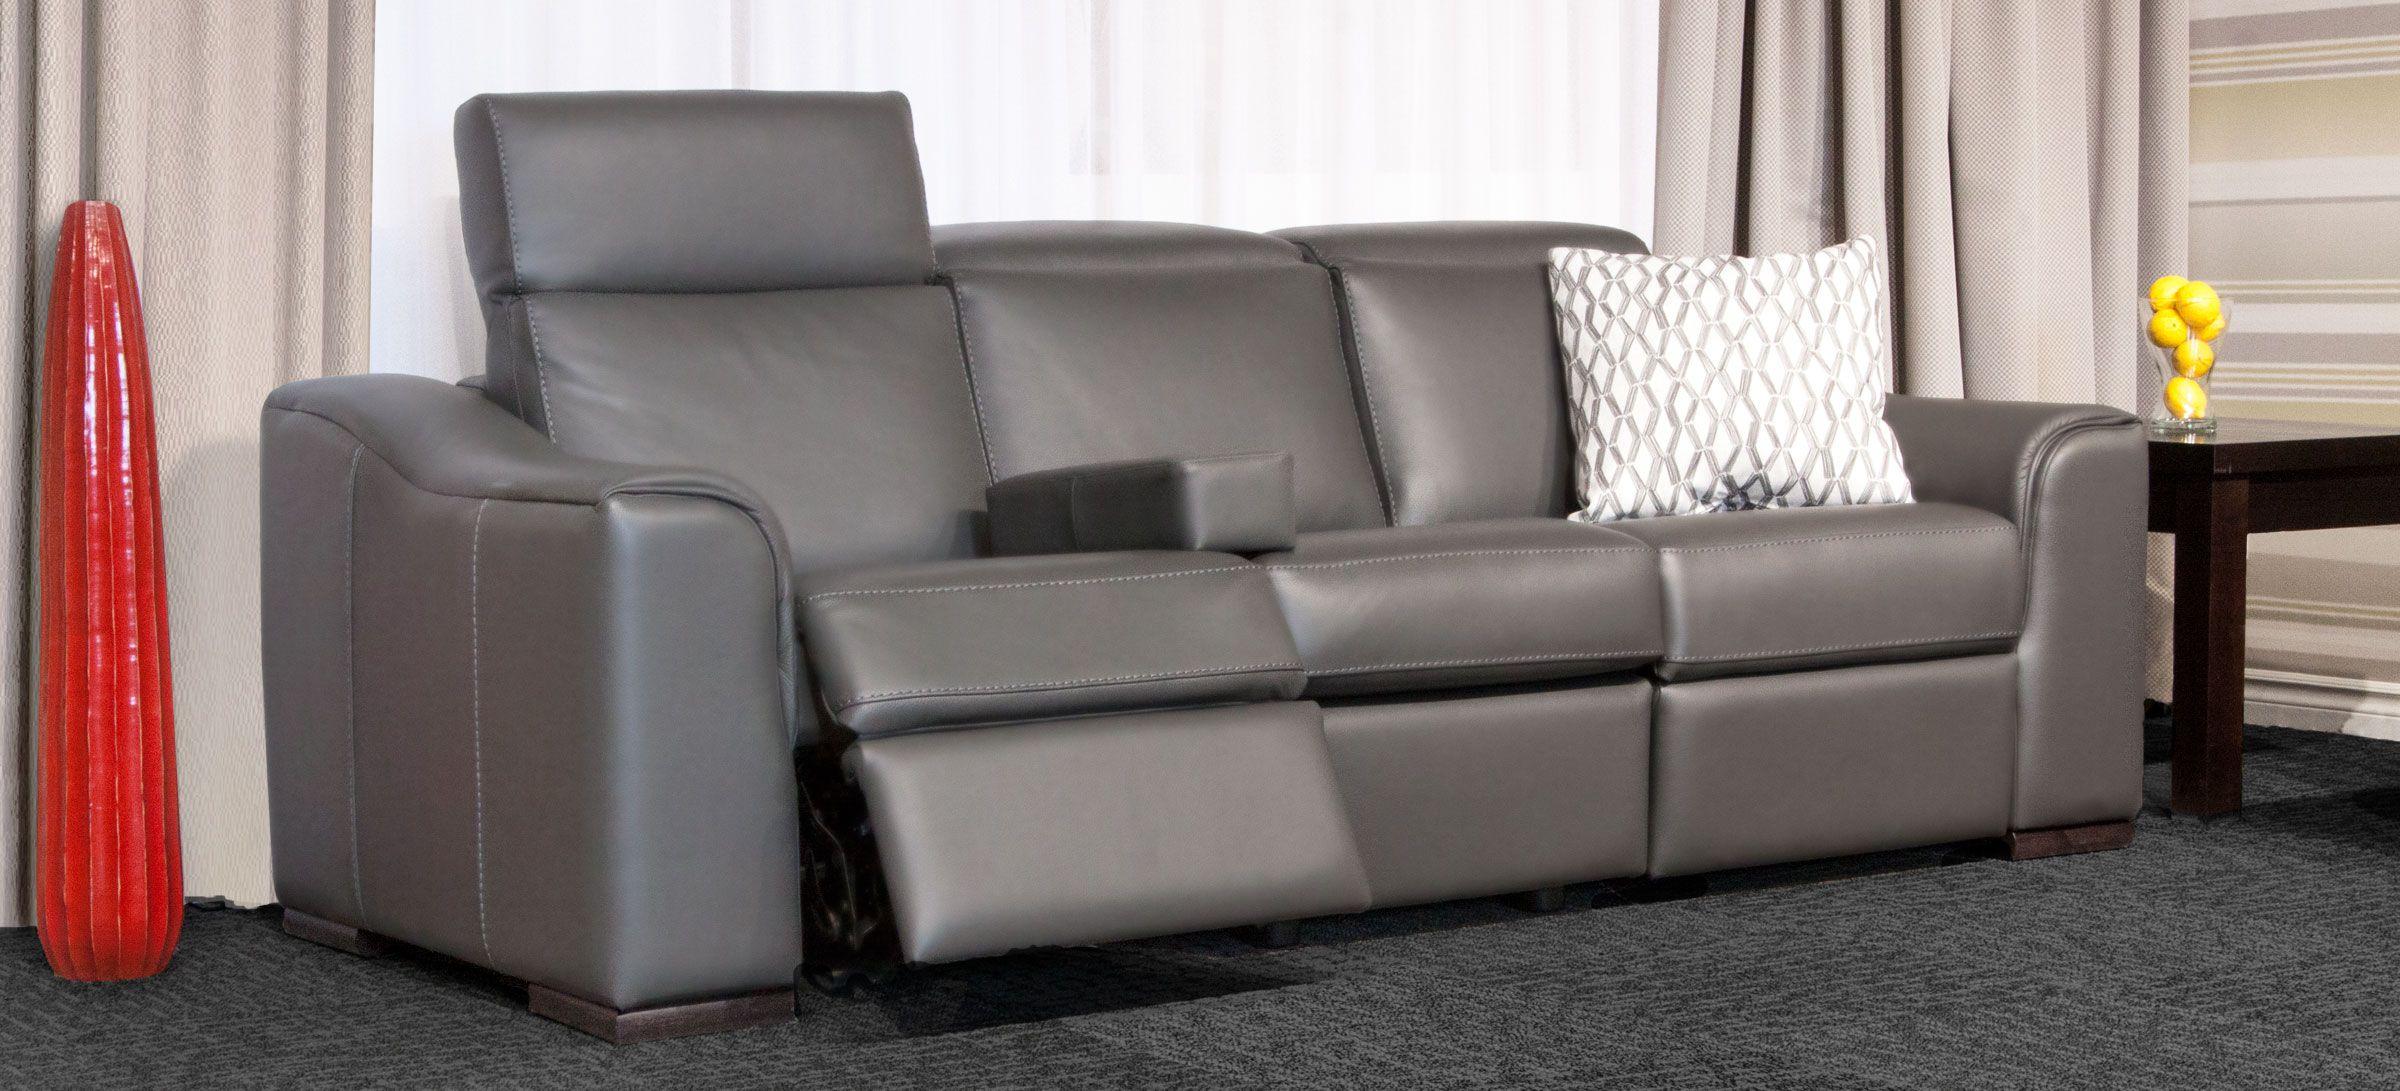 Sofa Inclinable Avec Appui T 234 Te Ajustable Cuir Gris Charcoal Disponible En Fauteuil Ber 231 Ant